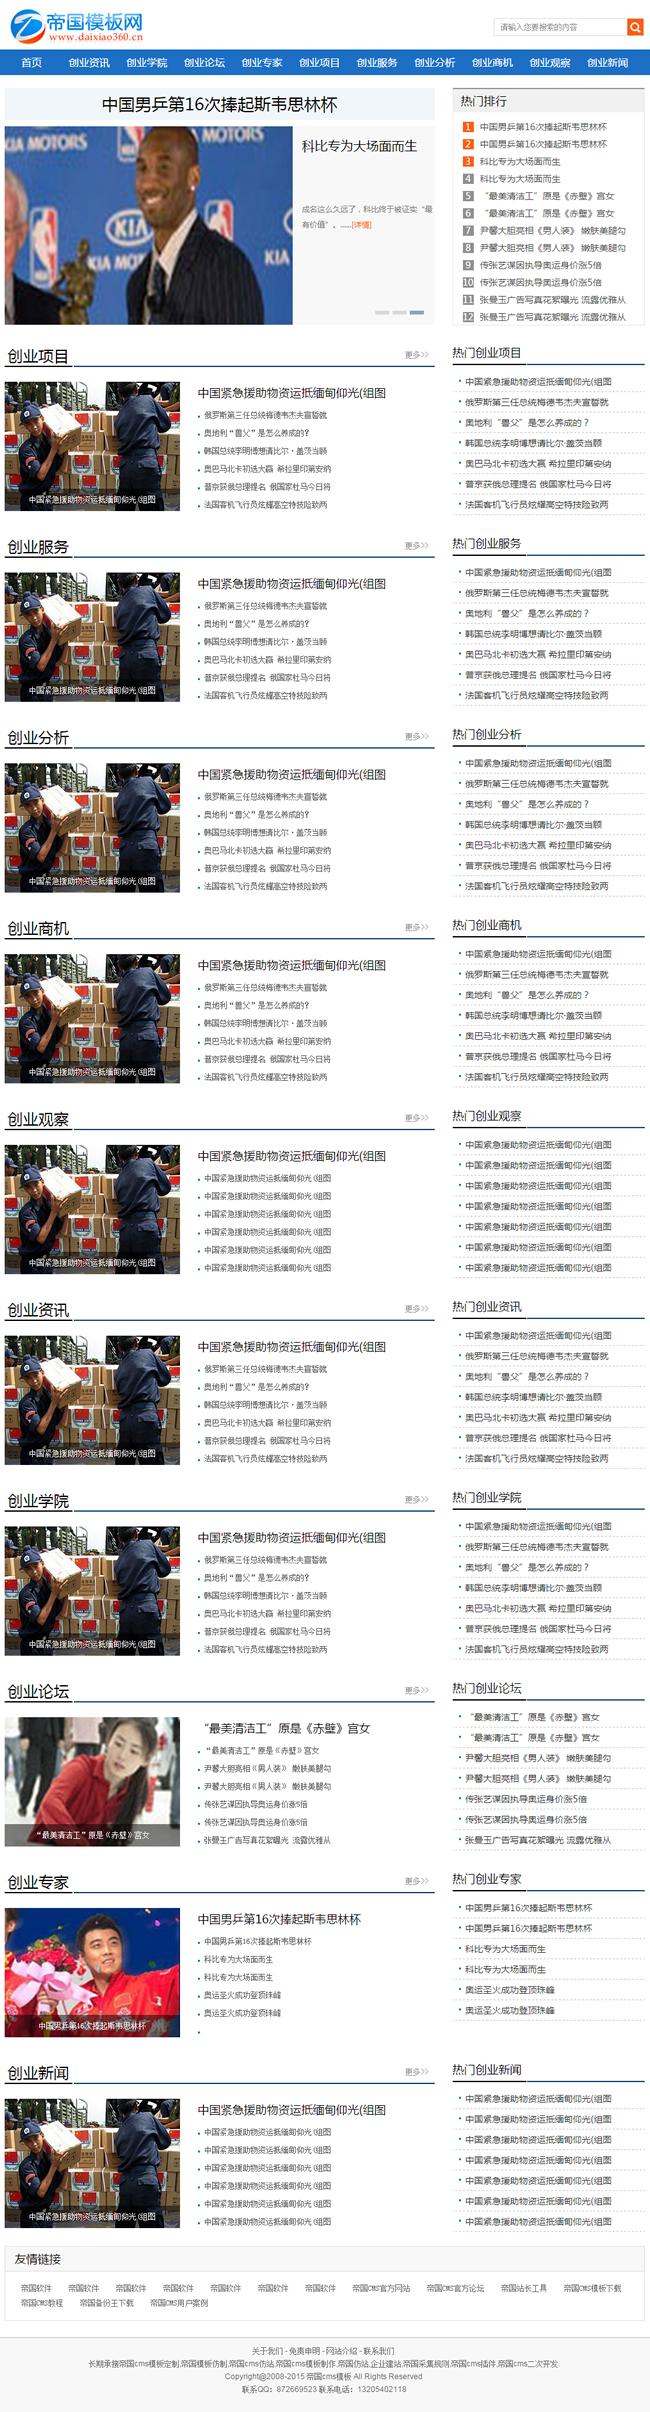 新闻文章资讯帝国cms模板蓝色系_首页